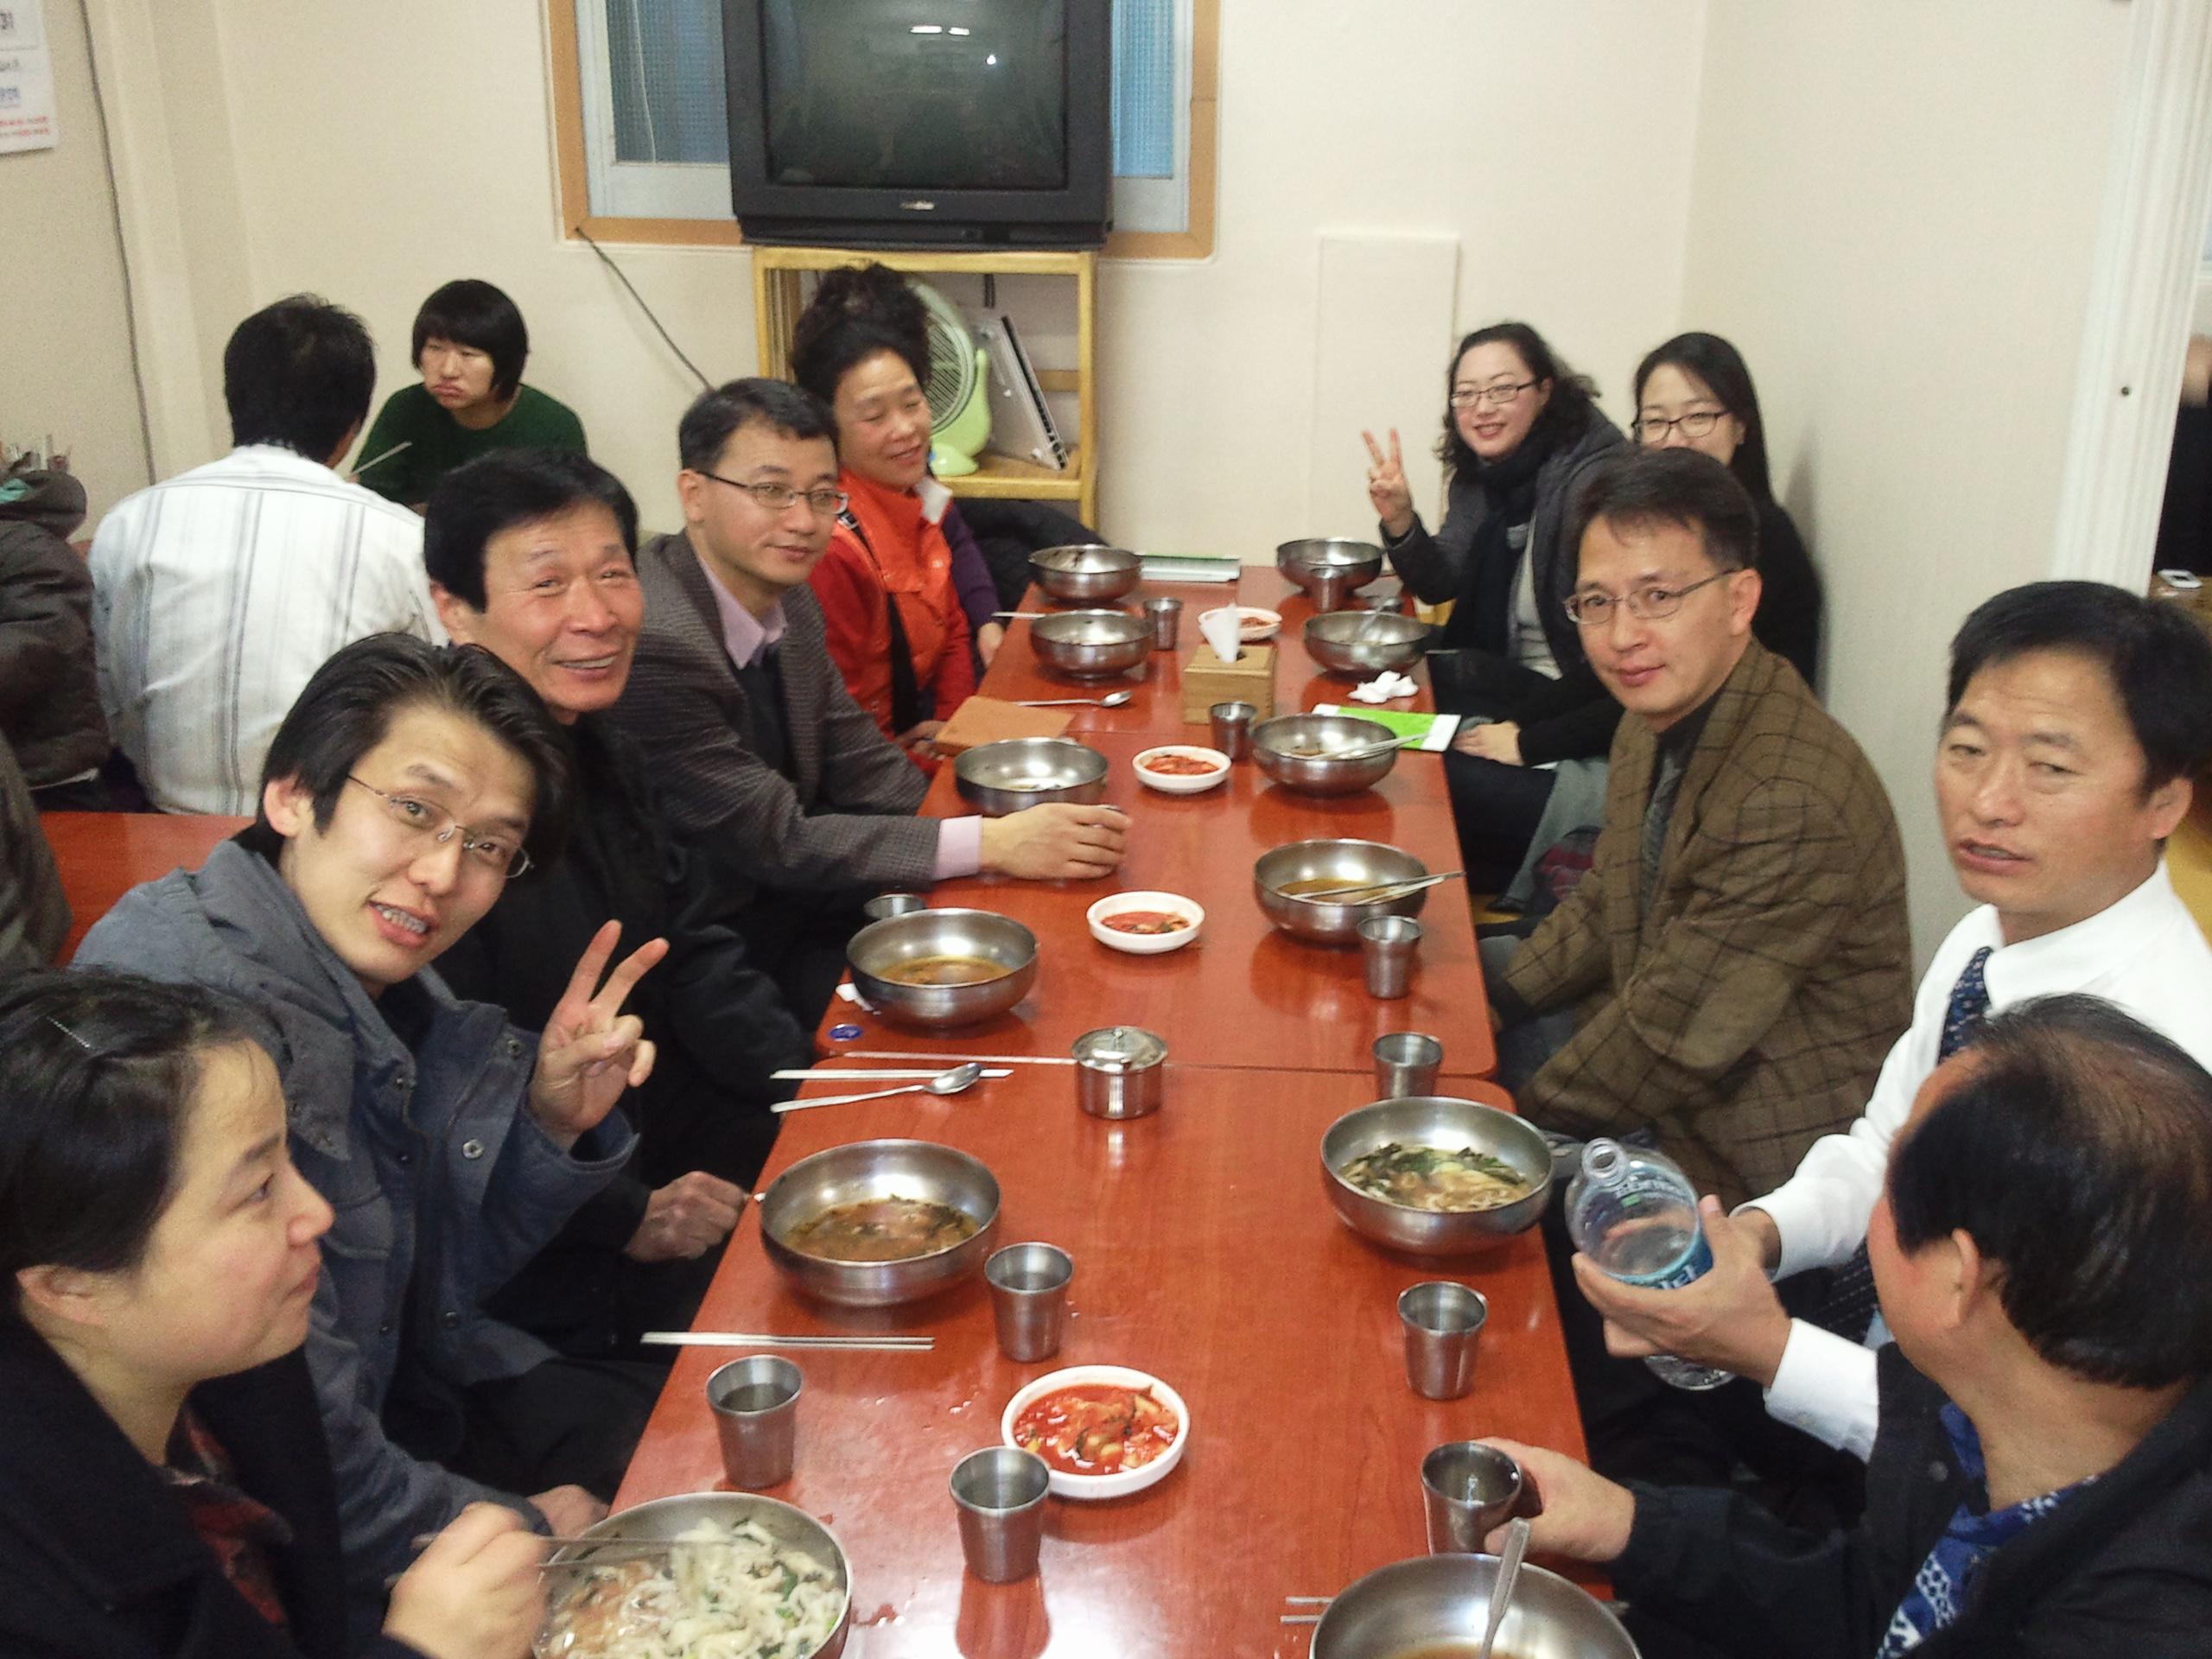 2010-12-16 12.52.58.jpg